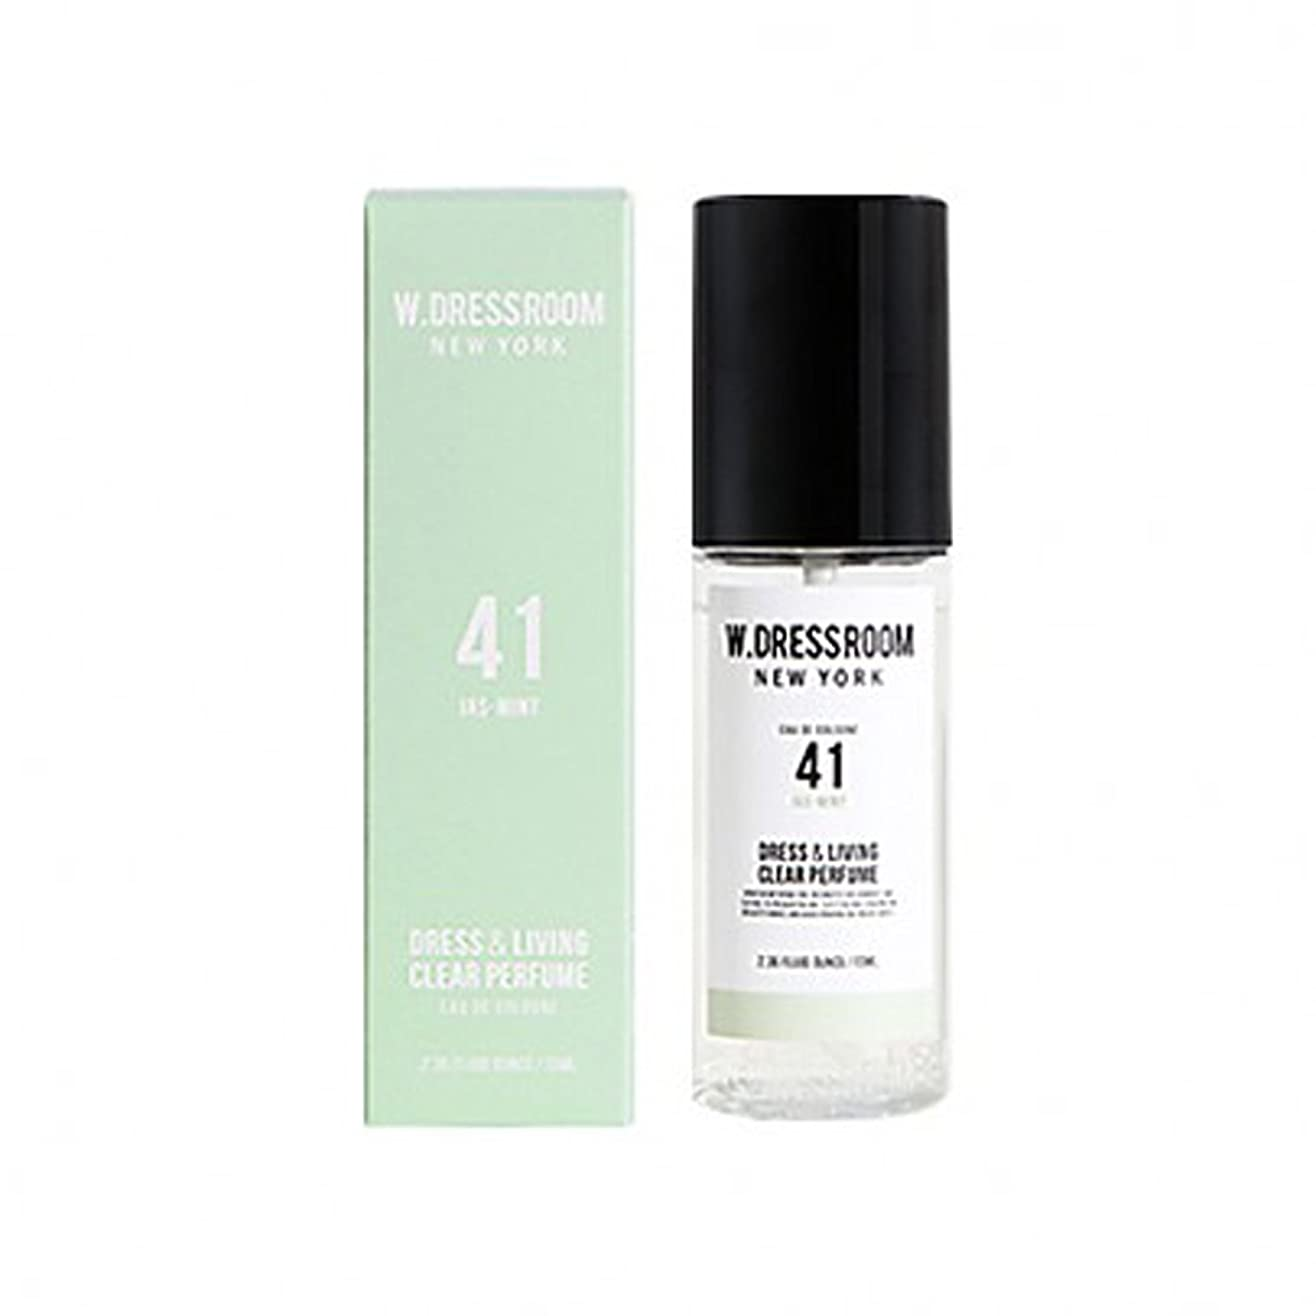 喜劇兵器庫眠っているW.DRESSROOM Dress & Living Clear Perfume fragrance 70ml (#No.41 Jas-Mint)/ダブルドレスルーム ドレス&リビング クリア パフューム 70ml (#No.41 Jas-Mint)